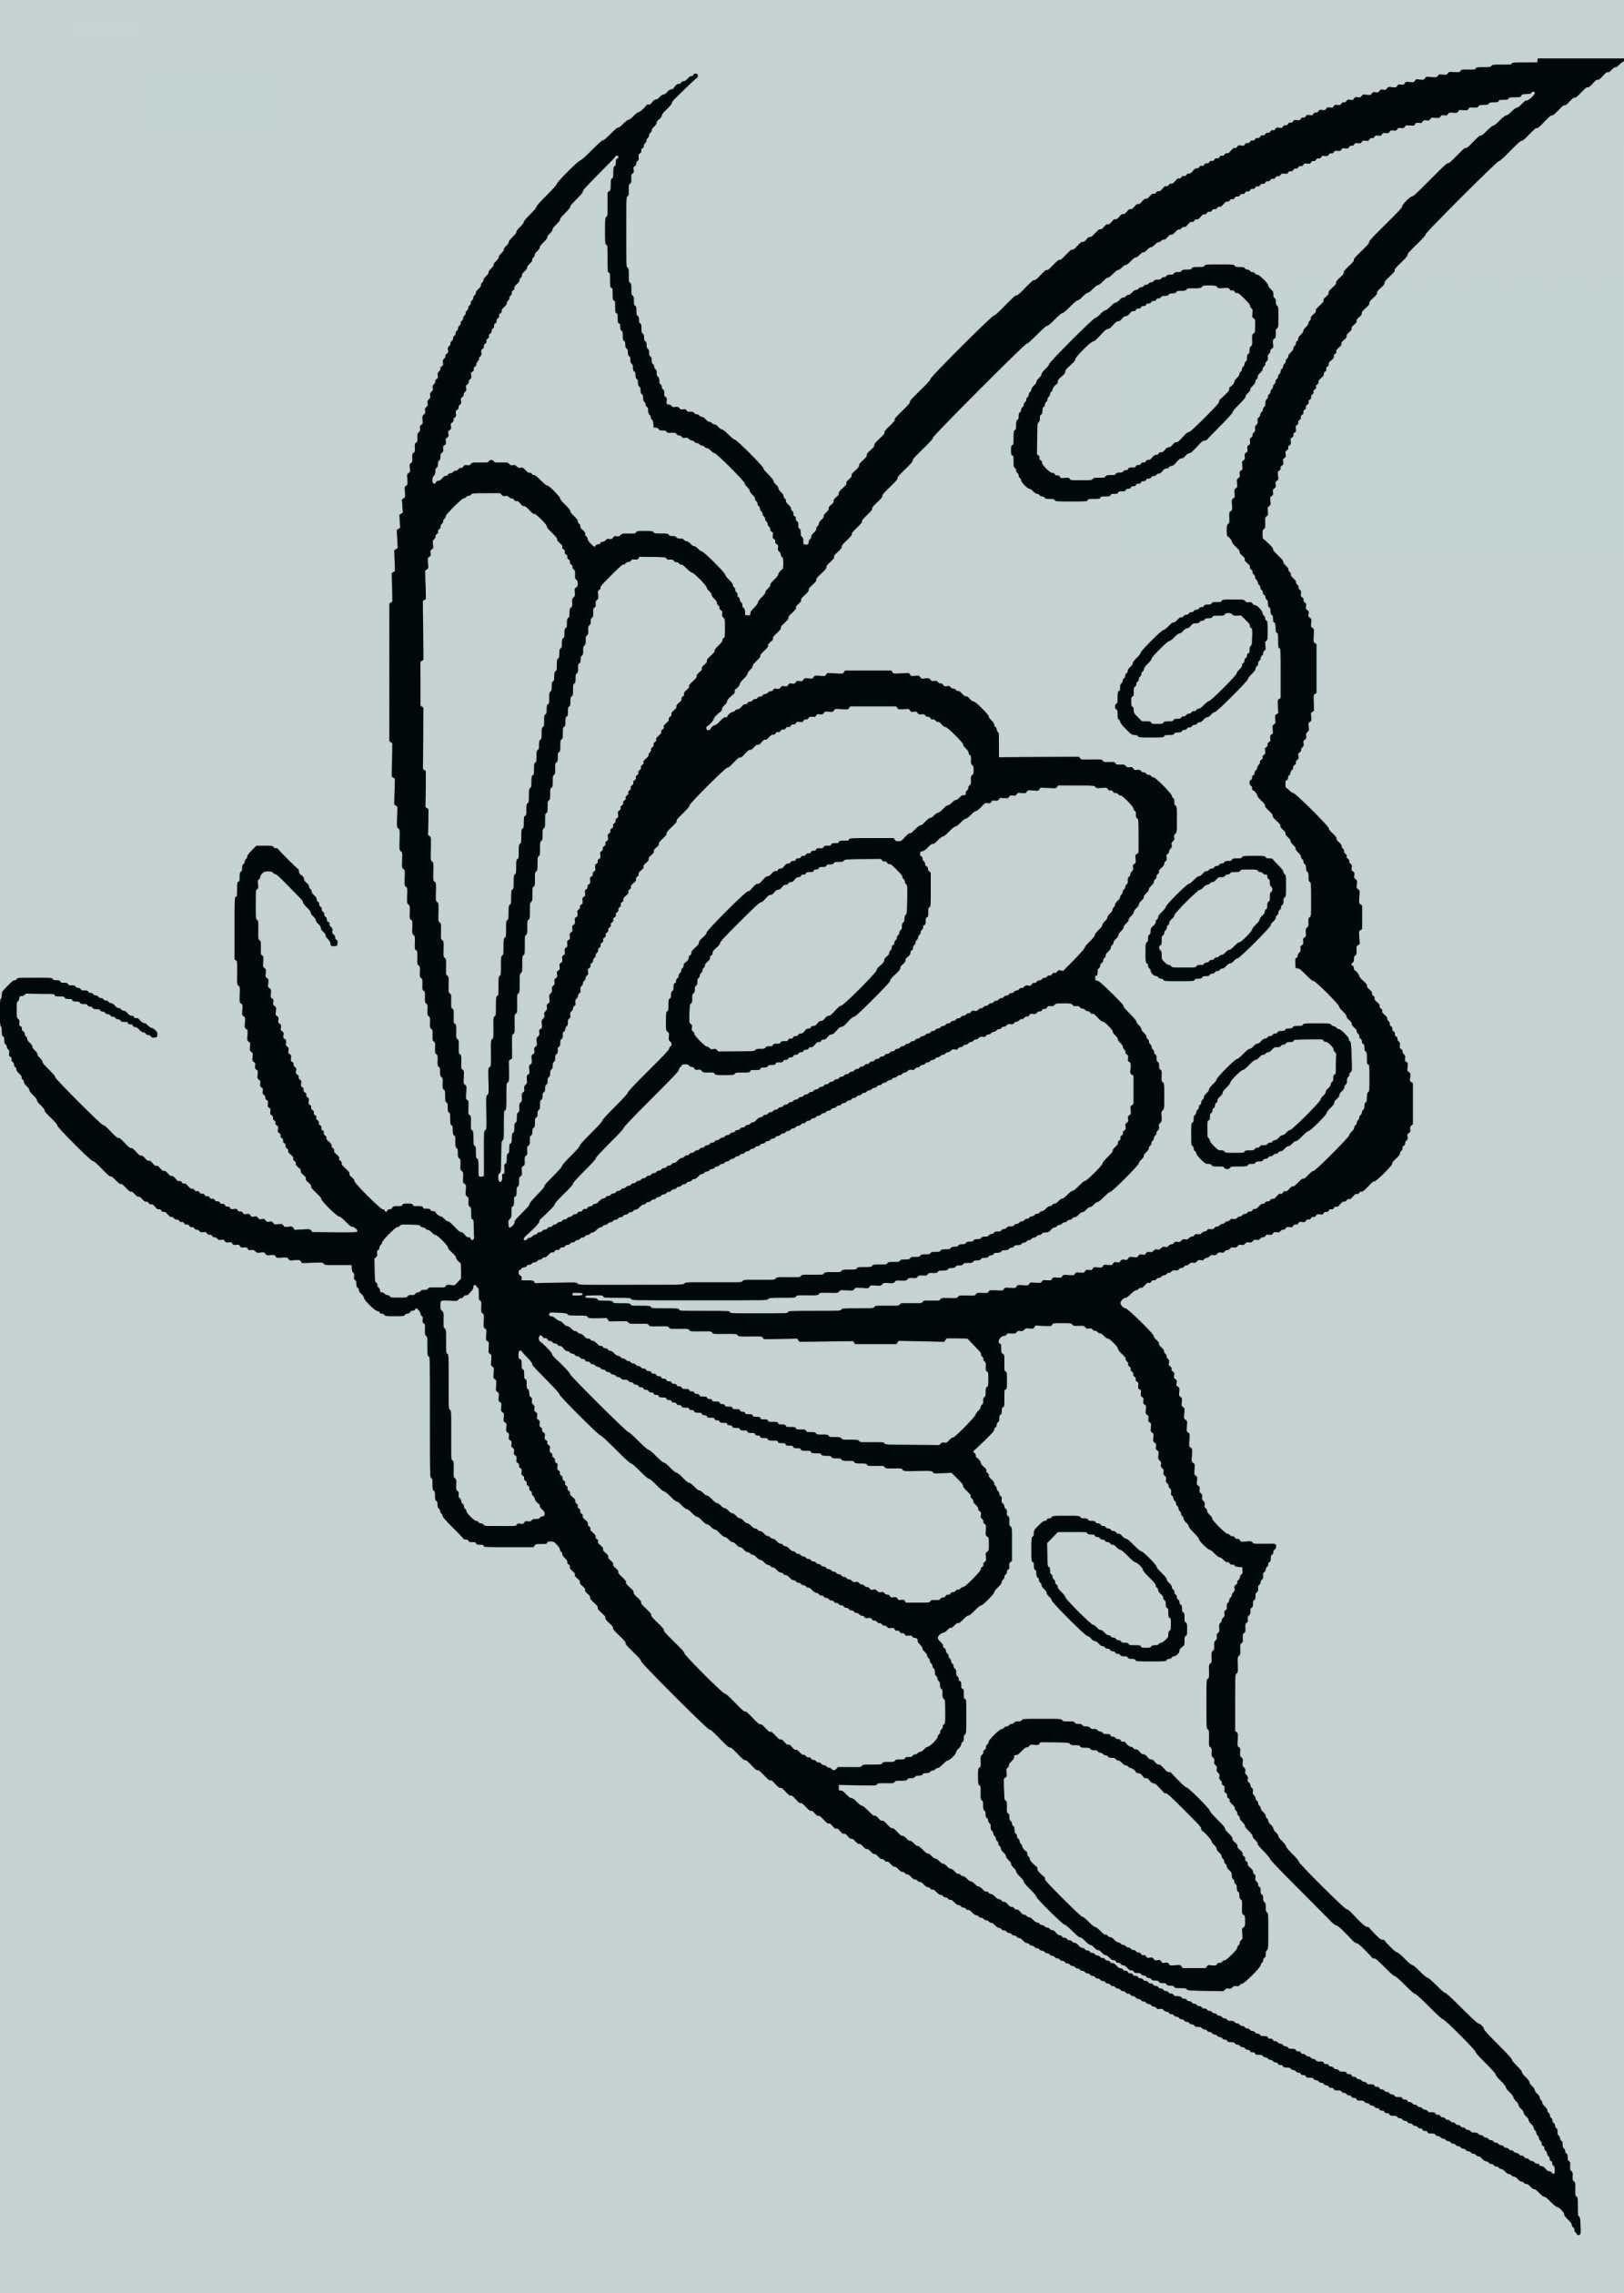 Neu Schmetterling Vorlagen In 2020 | Schmetterling Vorlage für Vorlagen Schmetterling